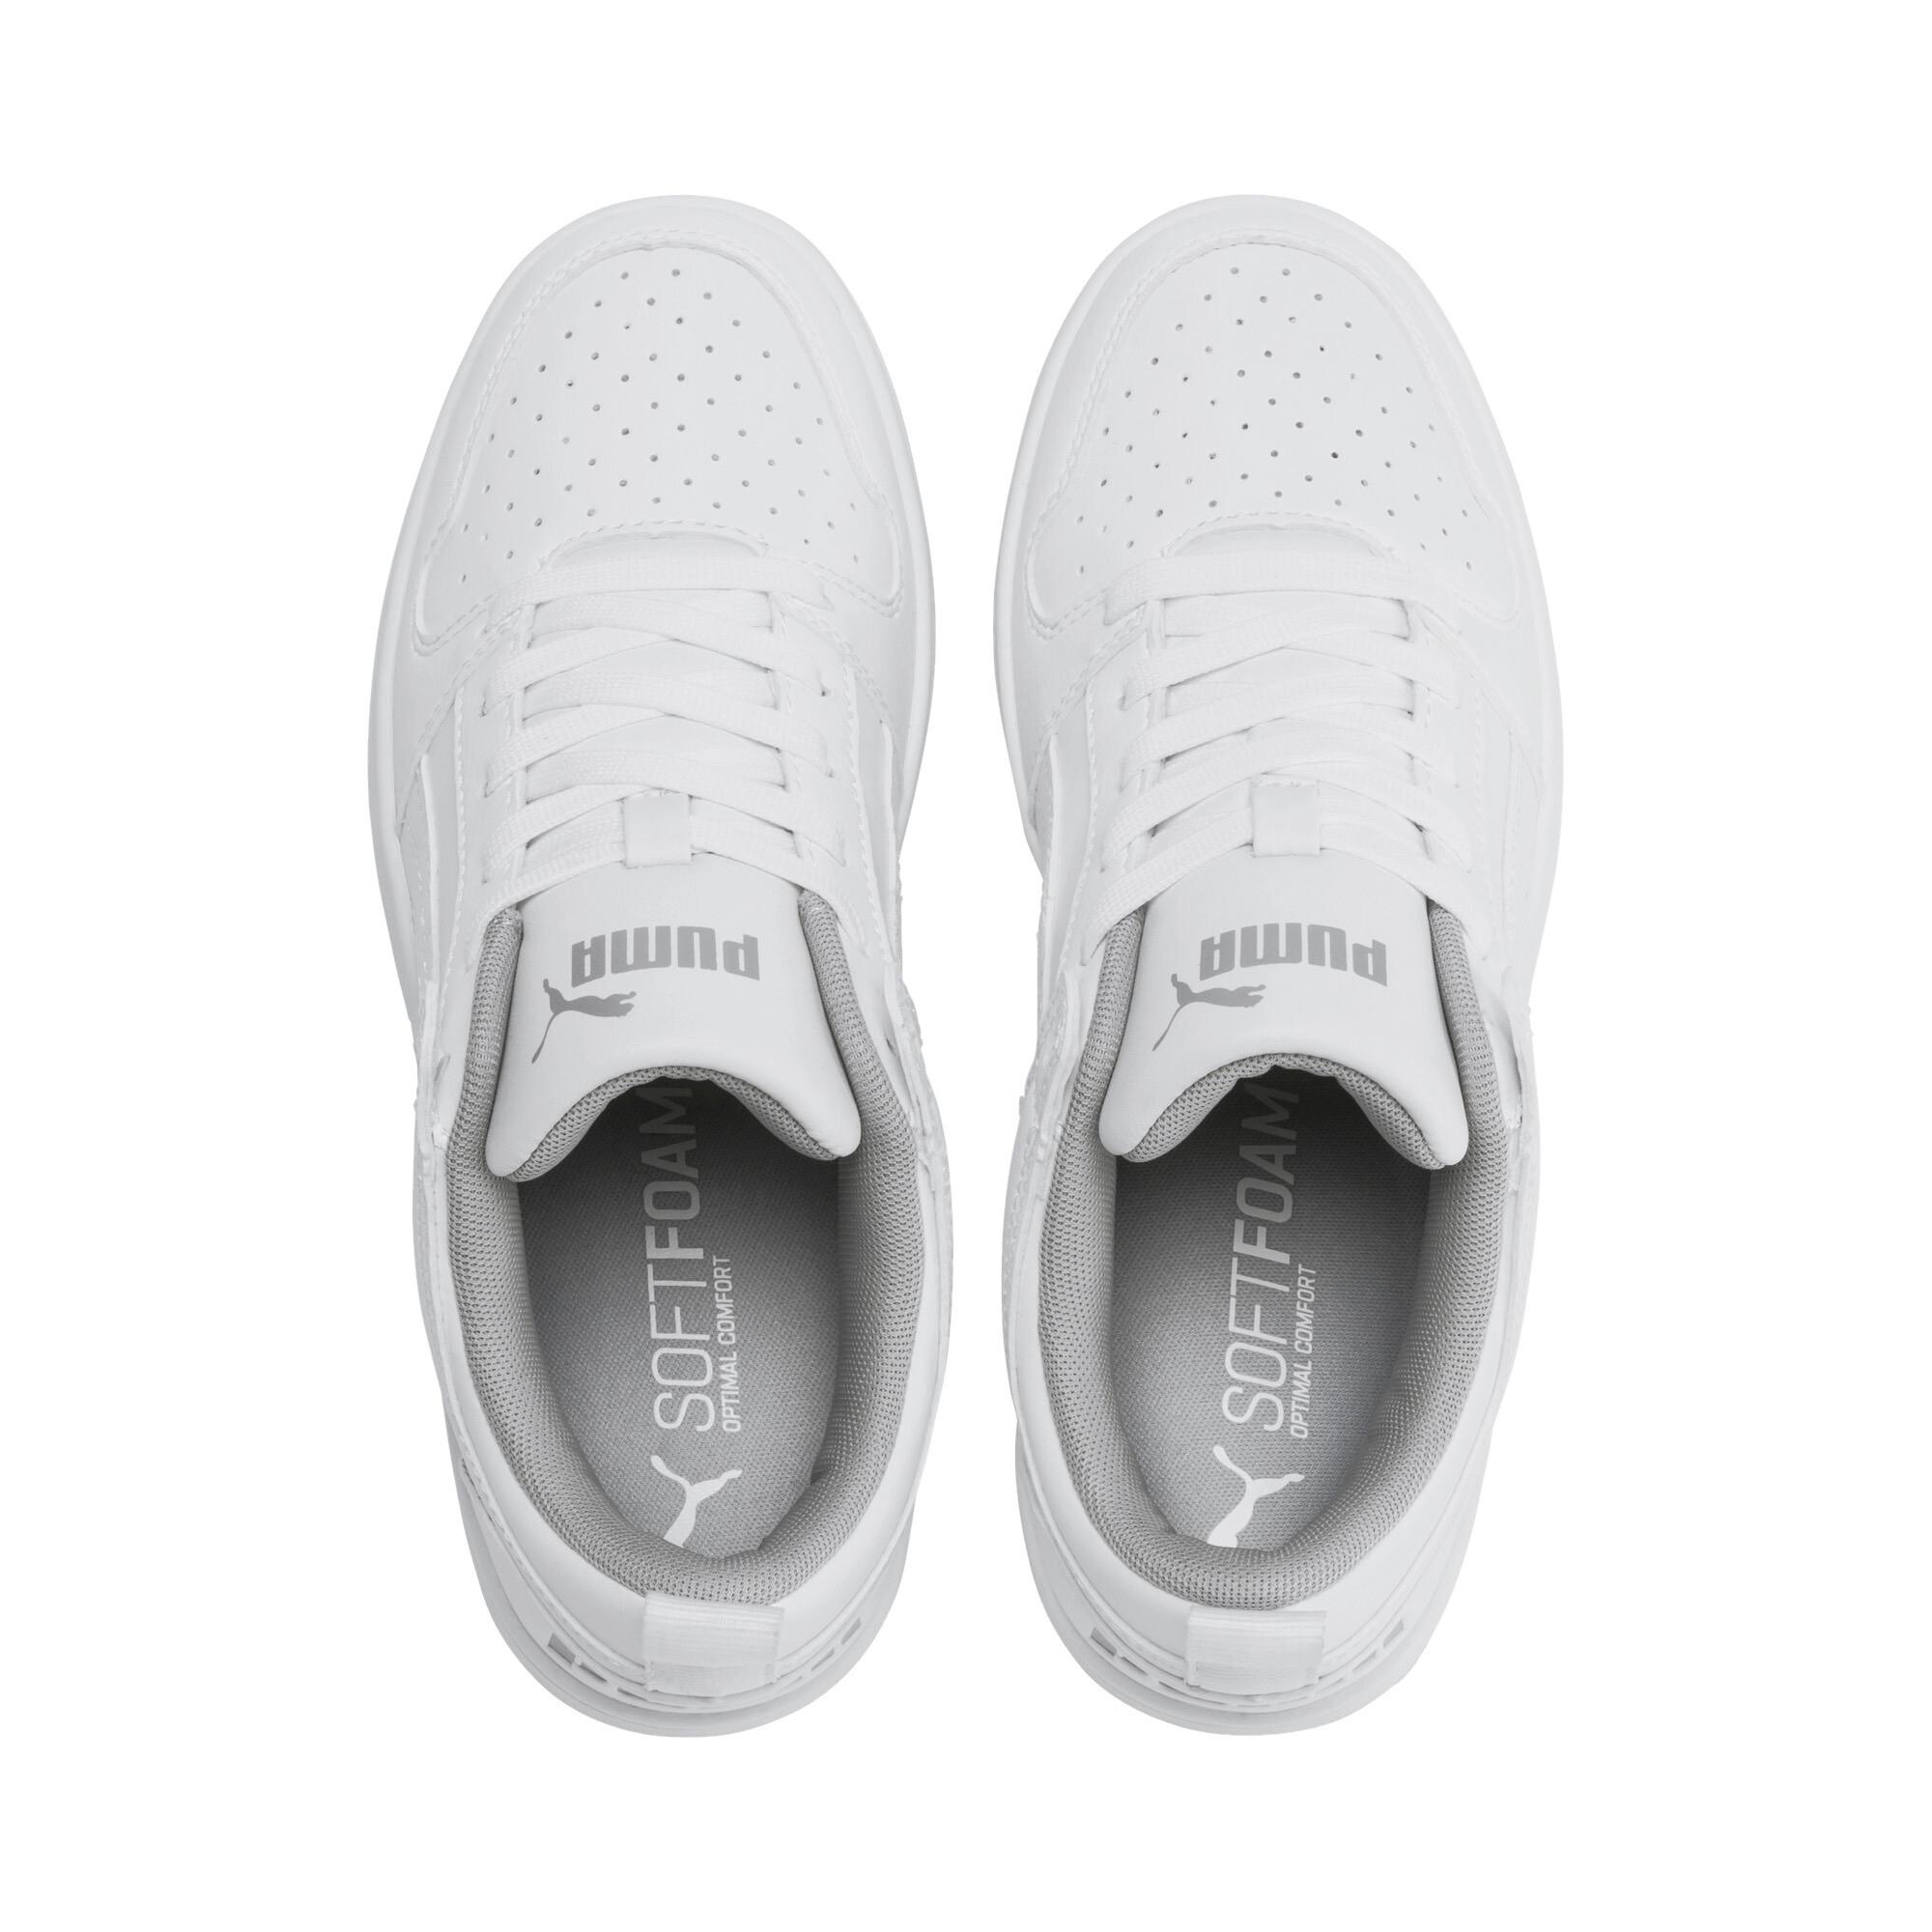 PUMA-PUMA-Rebound-LayUp-Lo-Sneakers-JR-Boys-Shoe-Kids thumbnail 7